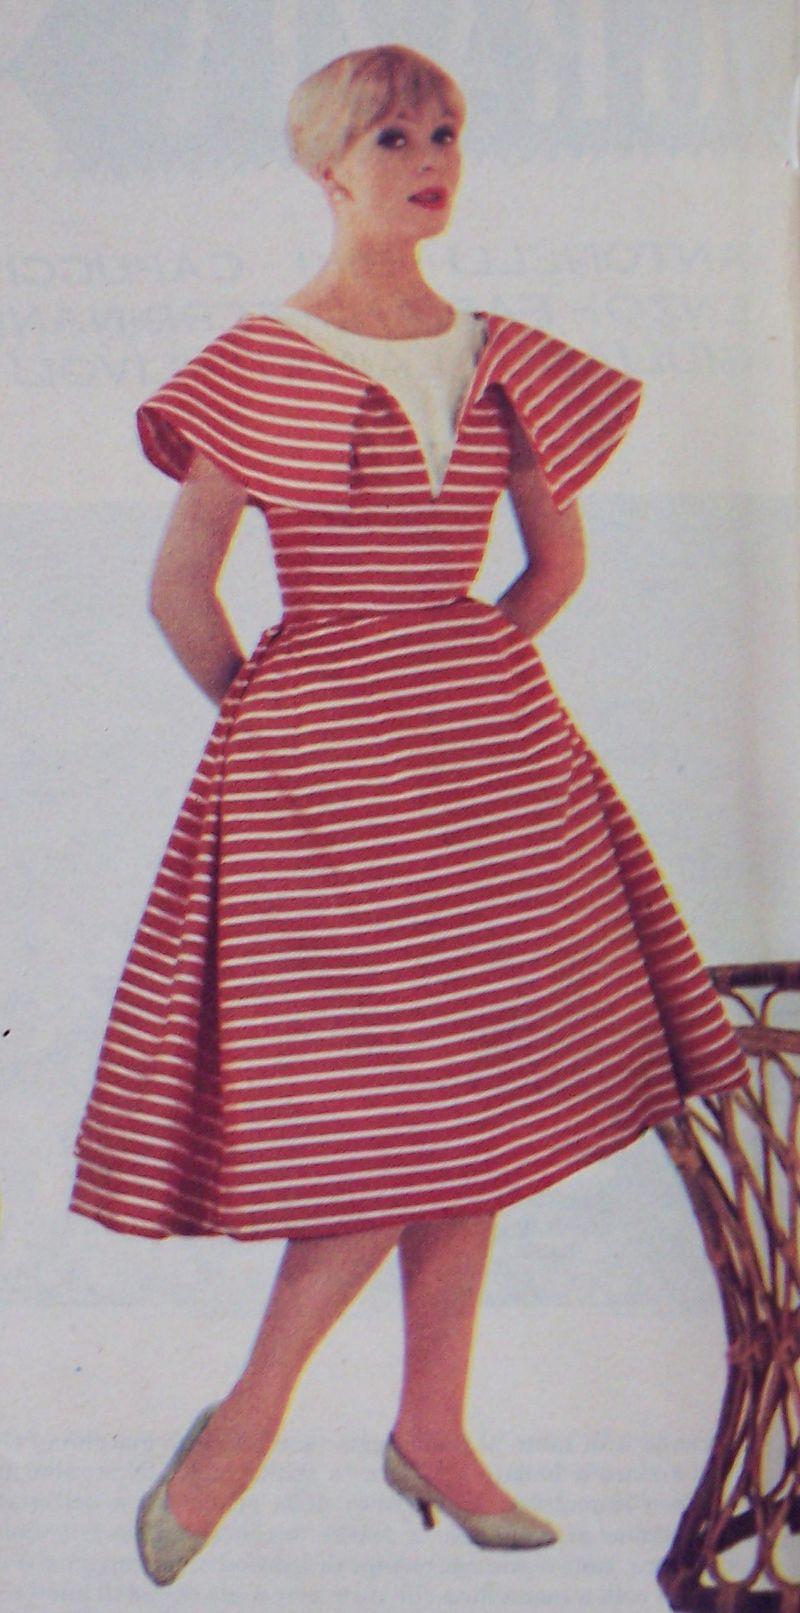 Grazia_Leger_1959_ArchiveABattista_Schuberth